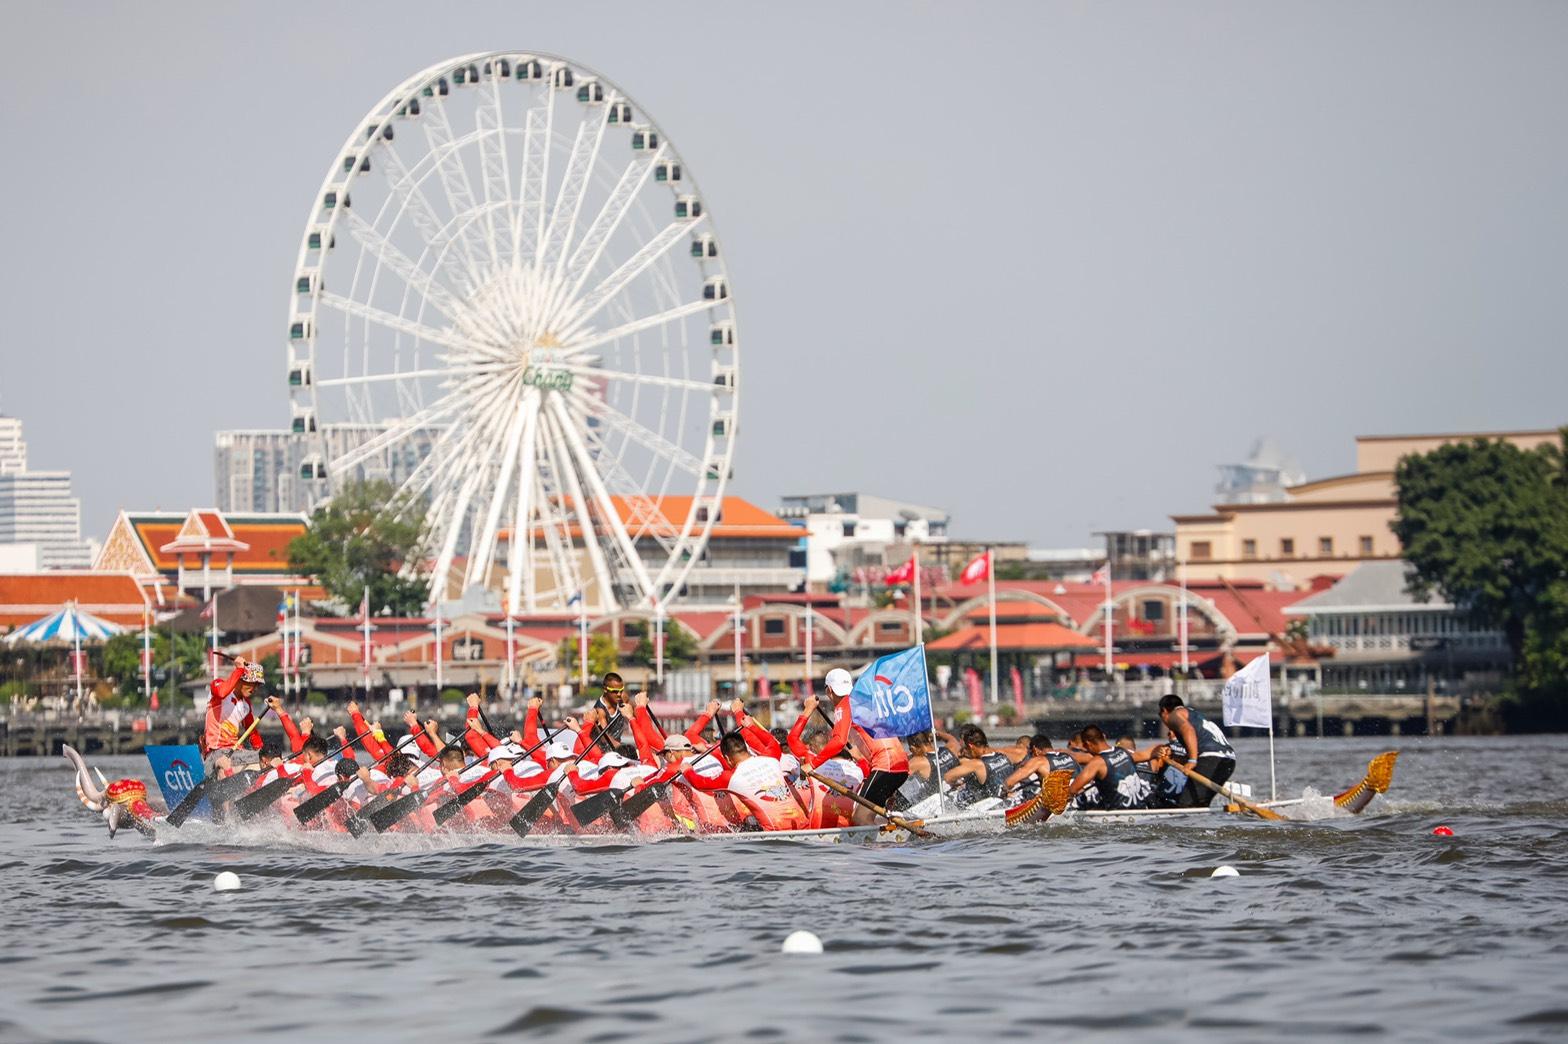 การแข่งเรือยาวช้างไทย การกุศล ชิงถ้วยพระราชทานสมเด็จพระเจ้าอยู่หัว ครั้งแรกของประเทศไทยเริ่มต้นพร้อมความสนุกครบรส 13 -